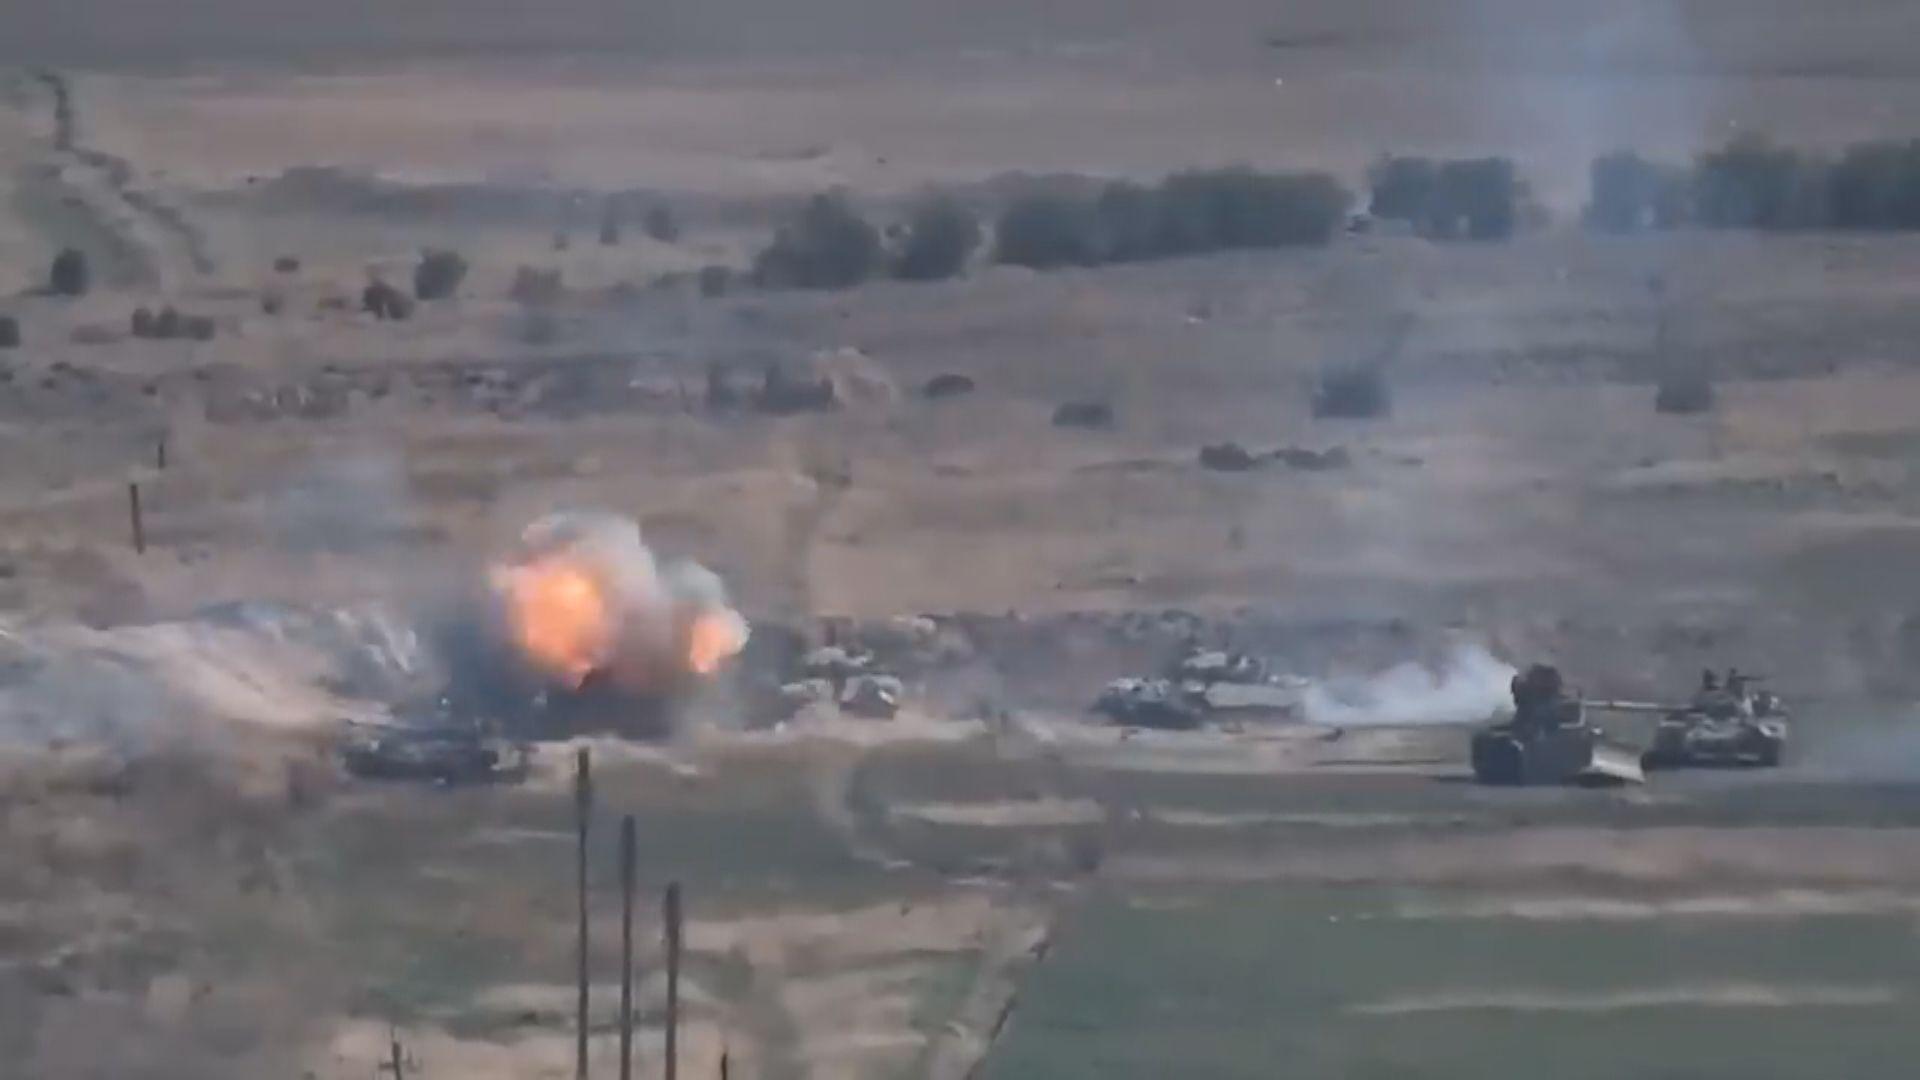 亞美尼亞阿塞拜疆軍事衝突至少23死 分別宣布戒嚴令